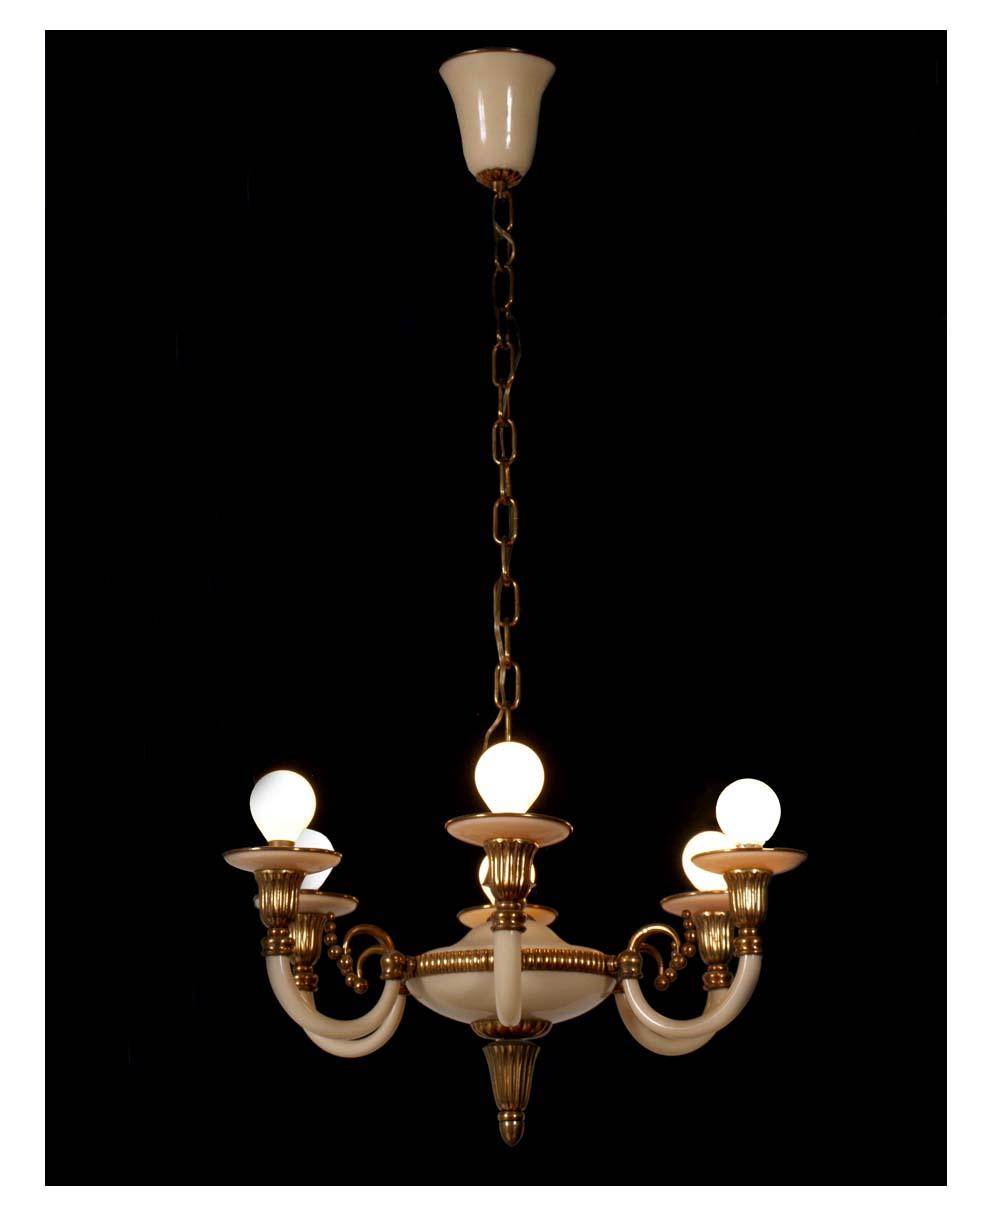 lampadari art deco : Lampadario art dec? vintage anni 30 bianco e ottone 6 luci